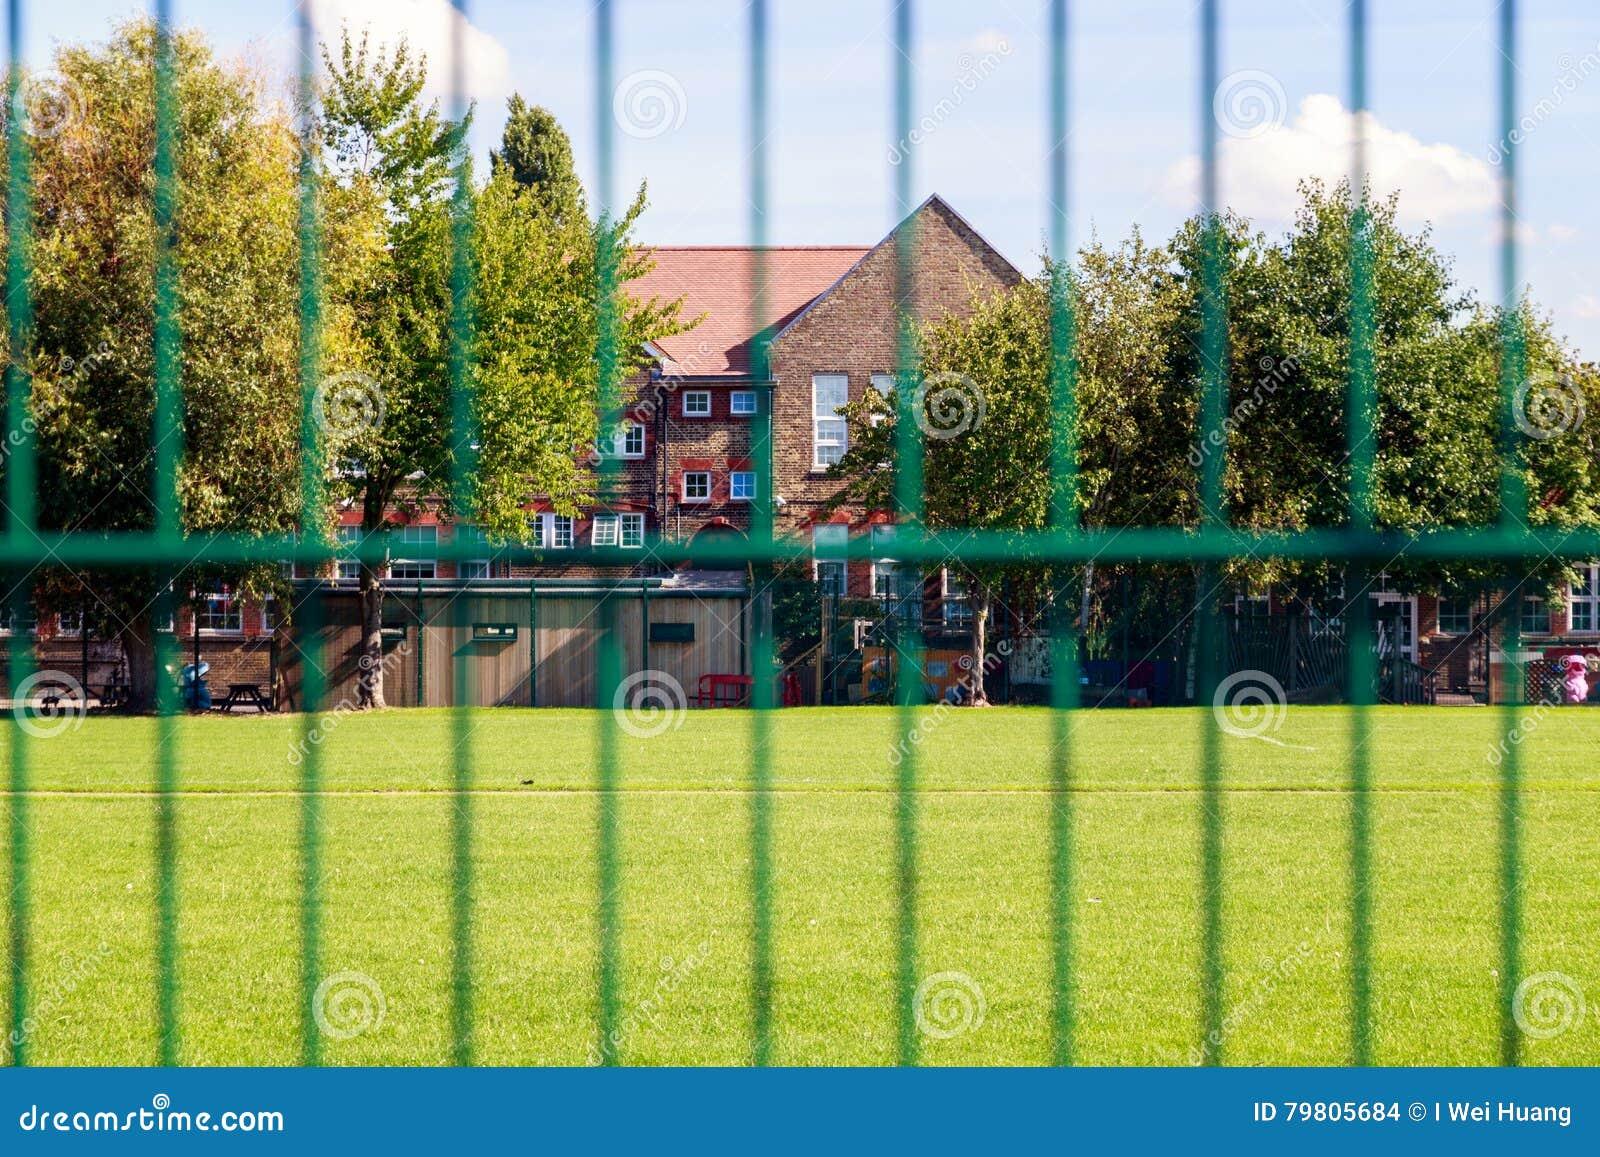 Grüner Zaun und Häuser stockfoto Bild von zustand flach